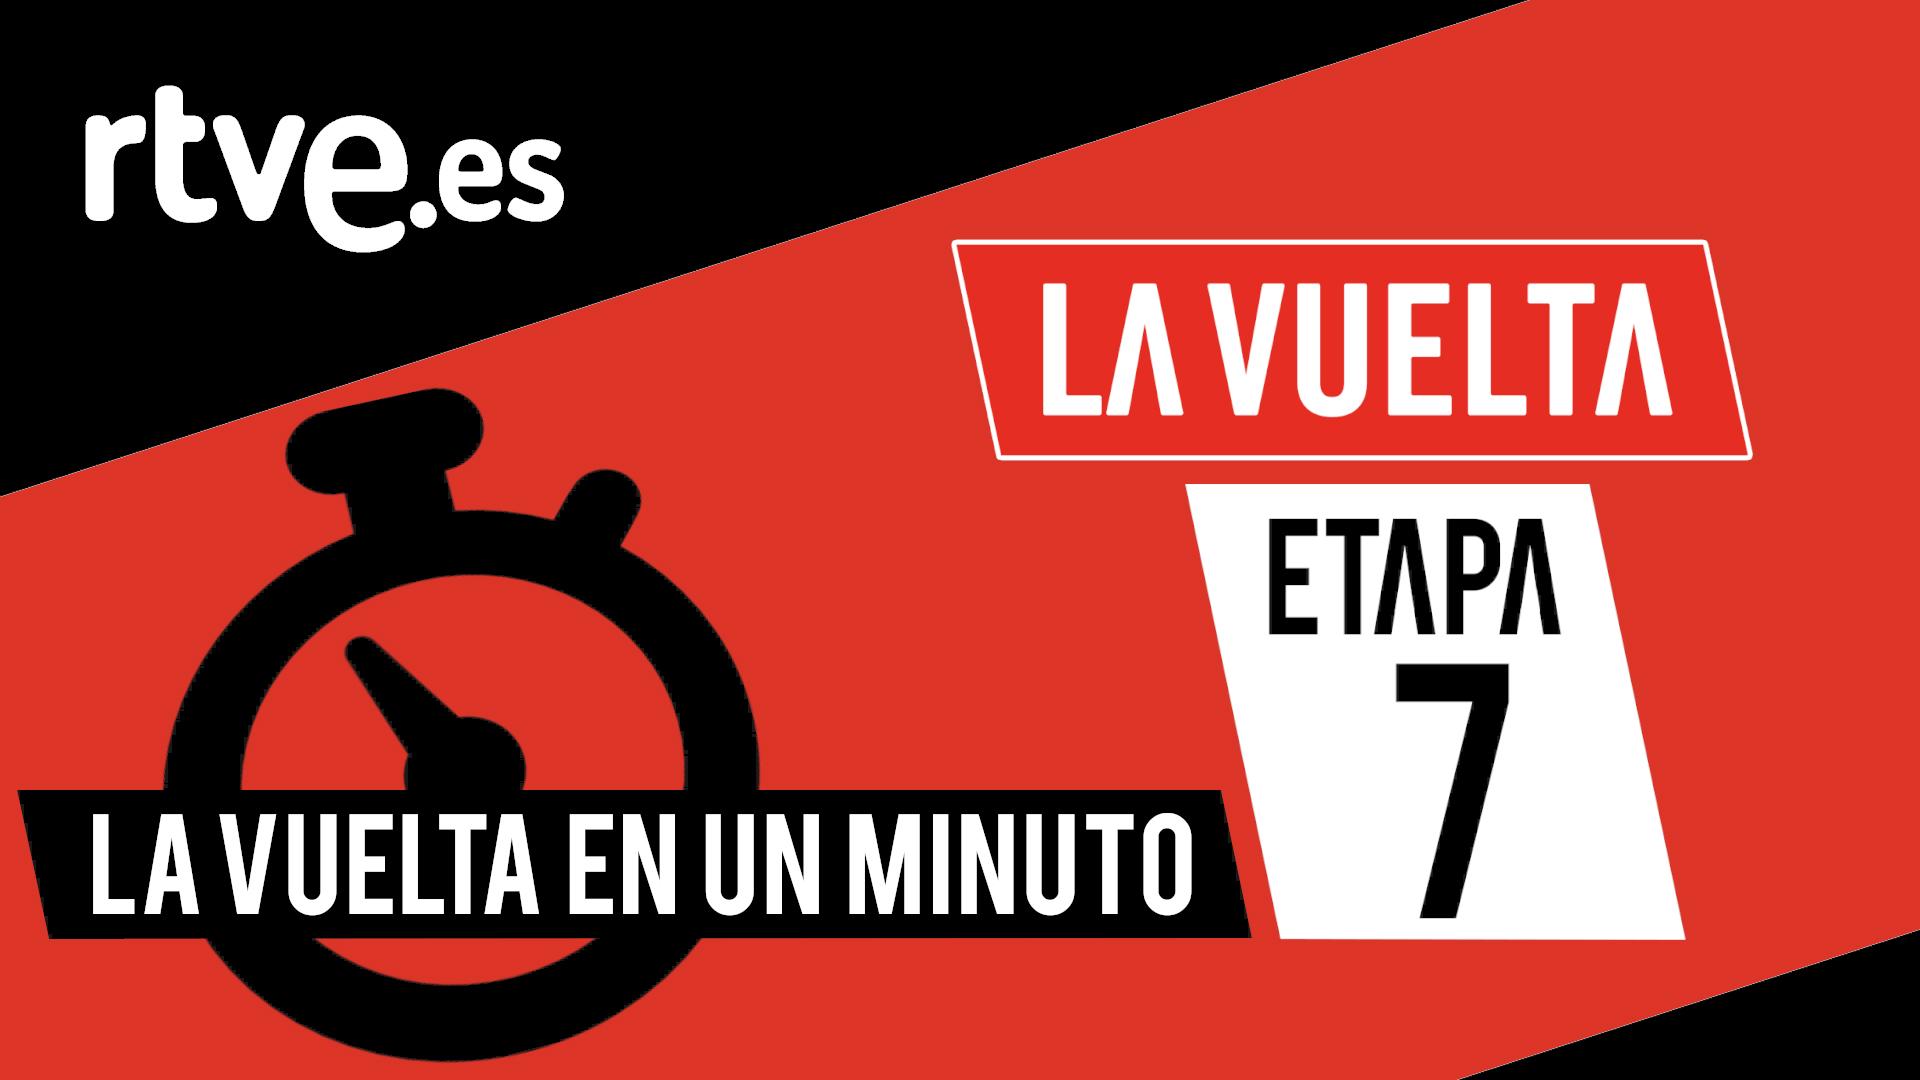 Vuelta 2020   #LaVueltaEnUnMinuto - Etapa 7